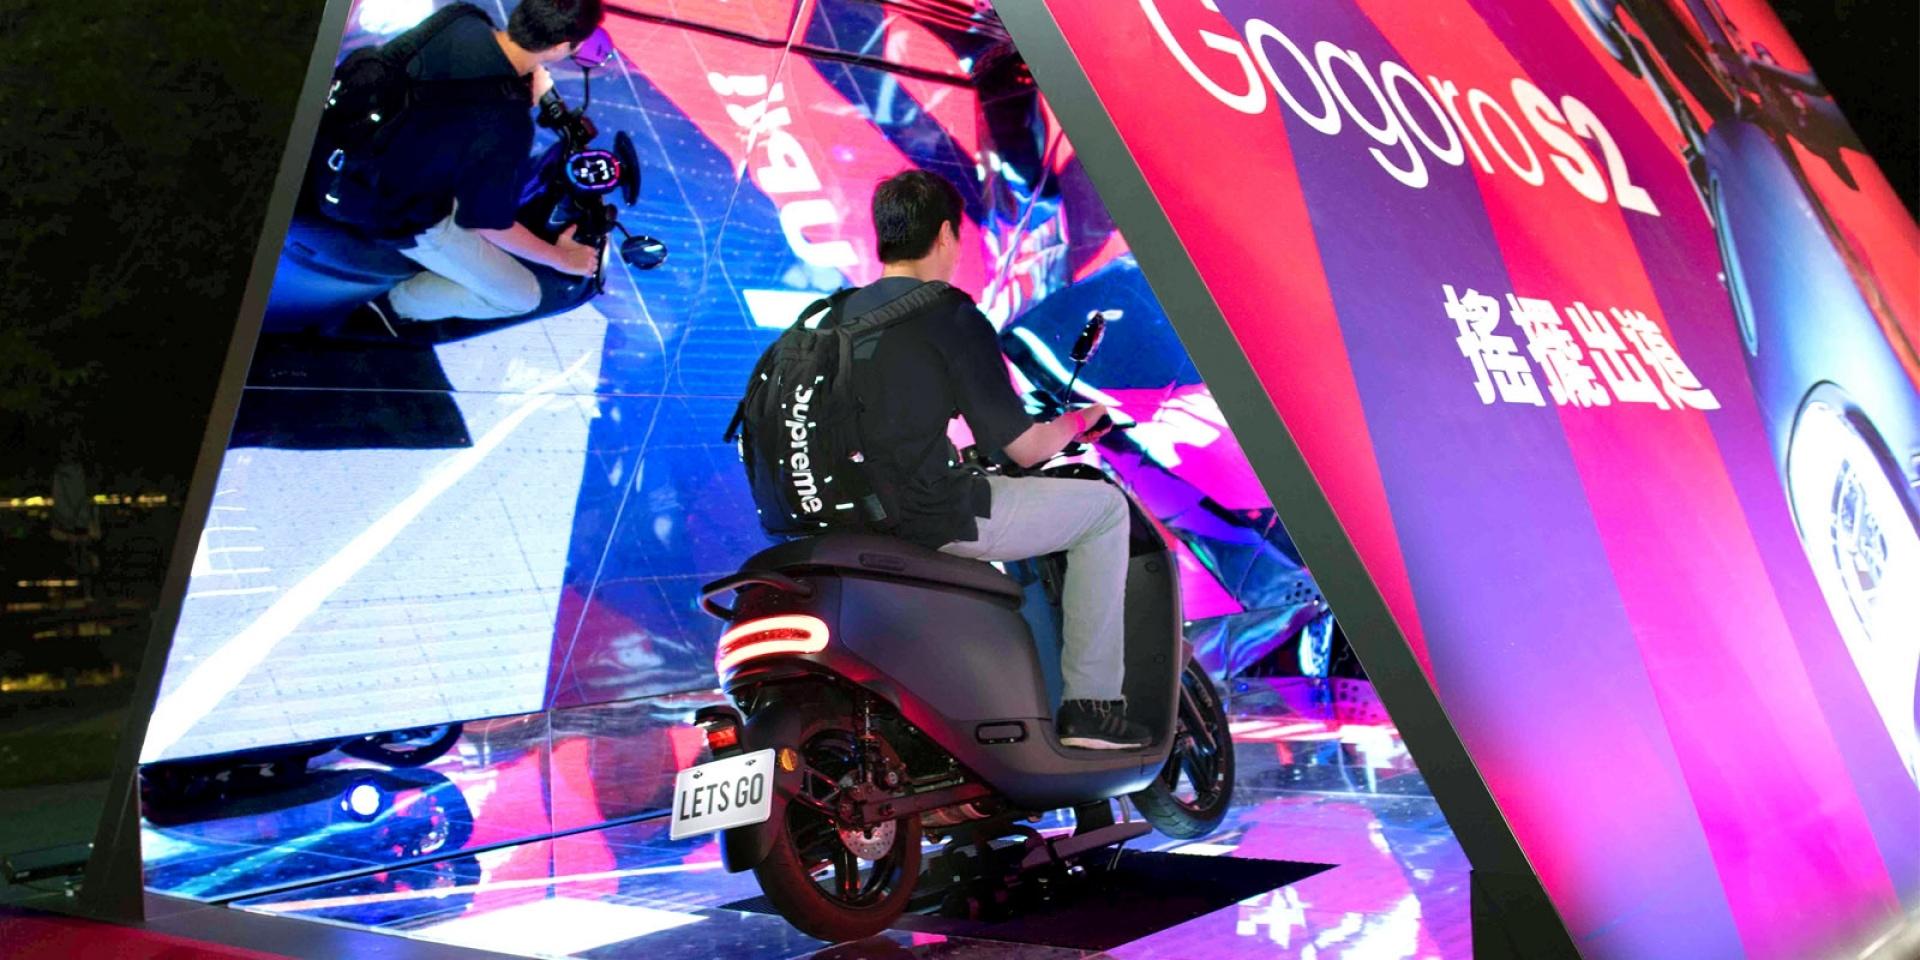 官方新聞稿。Gogoro 宣布於 125cc 等級中高階重型車款市佔第一!  成年輕族群購車首選品牌